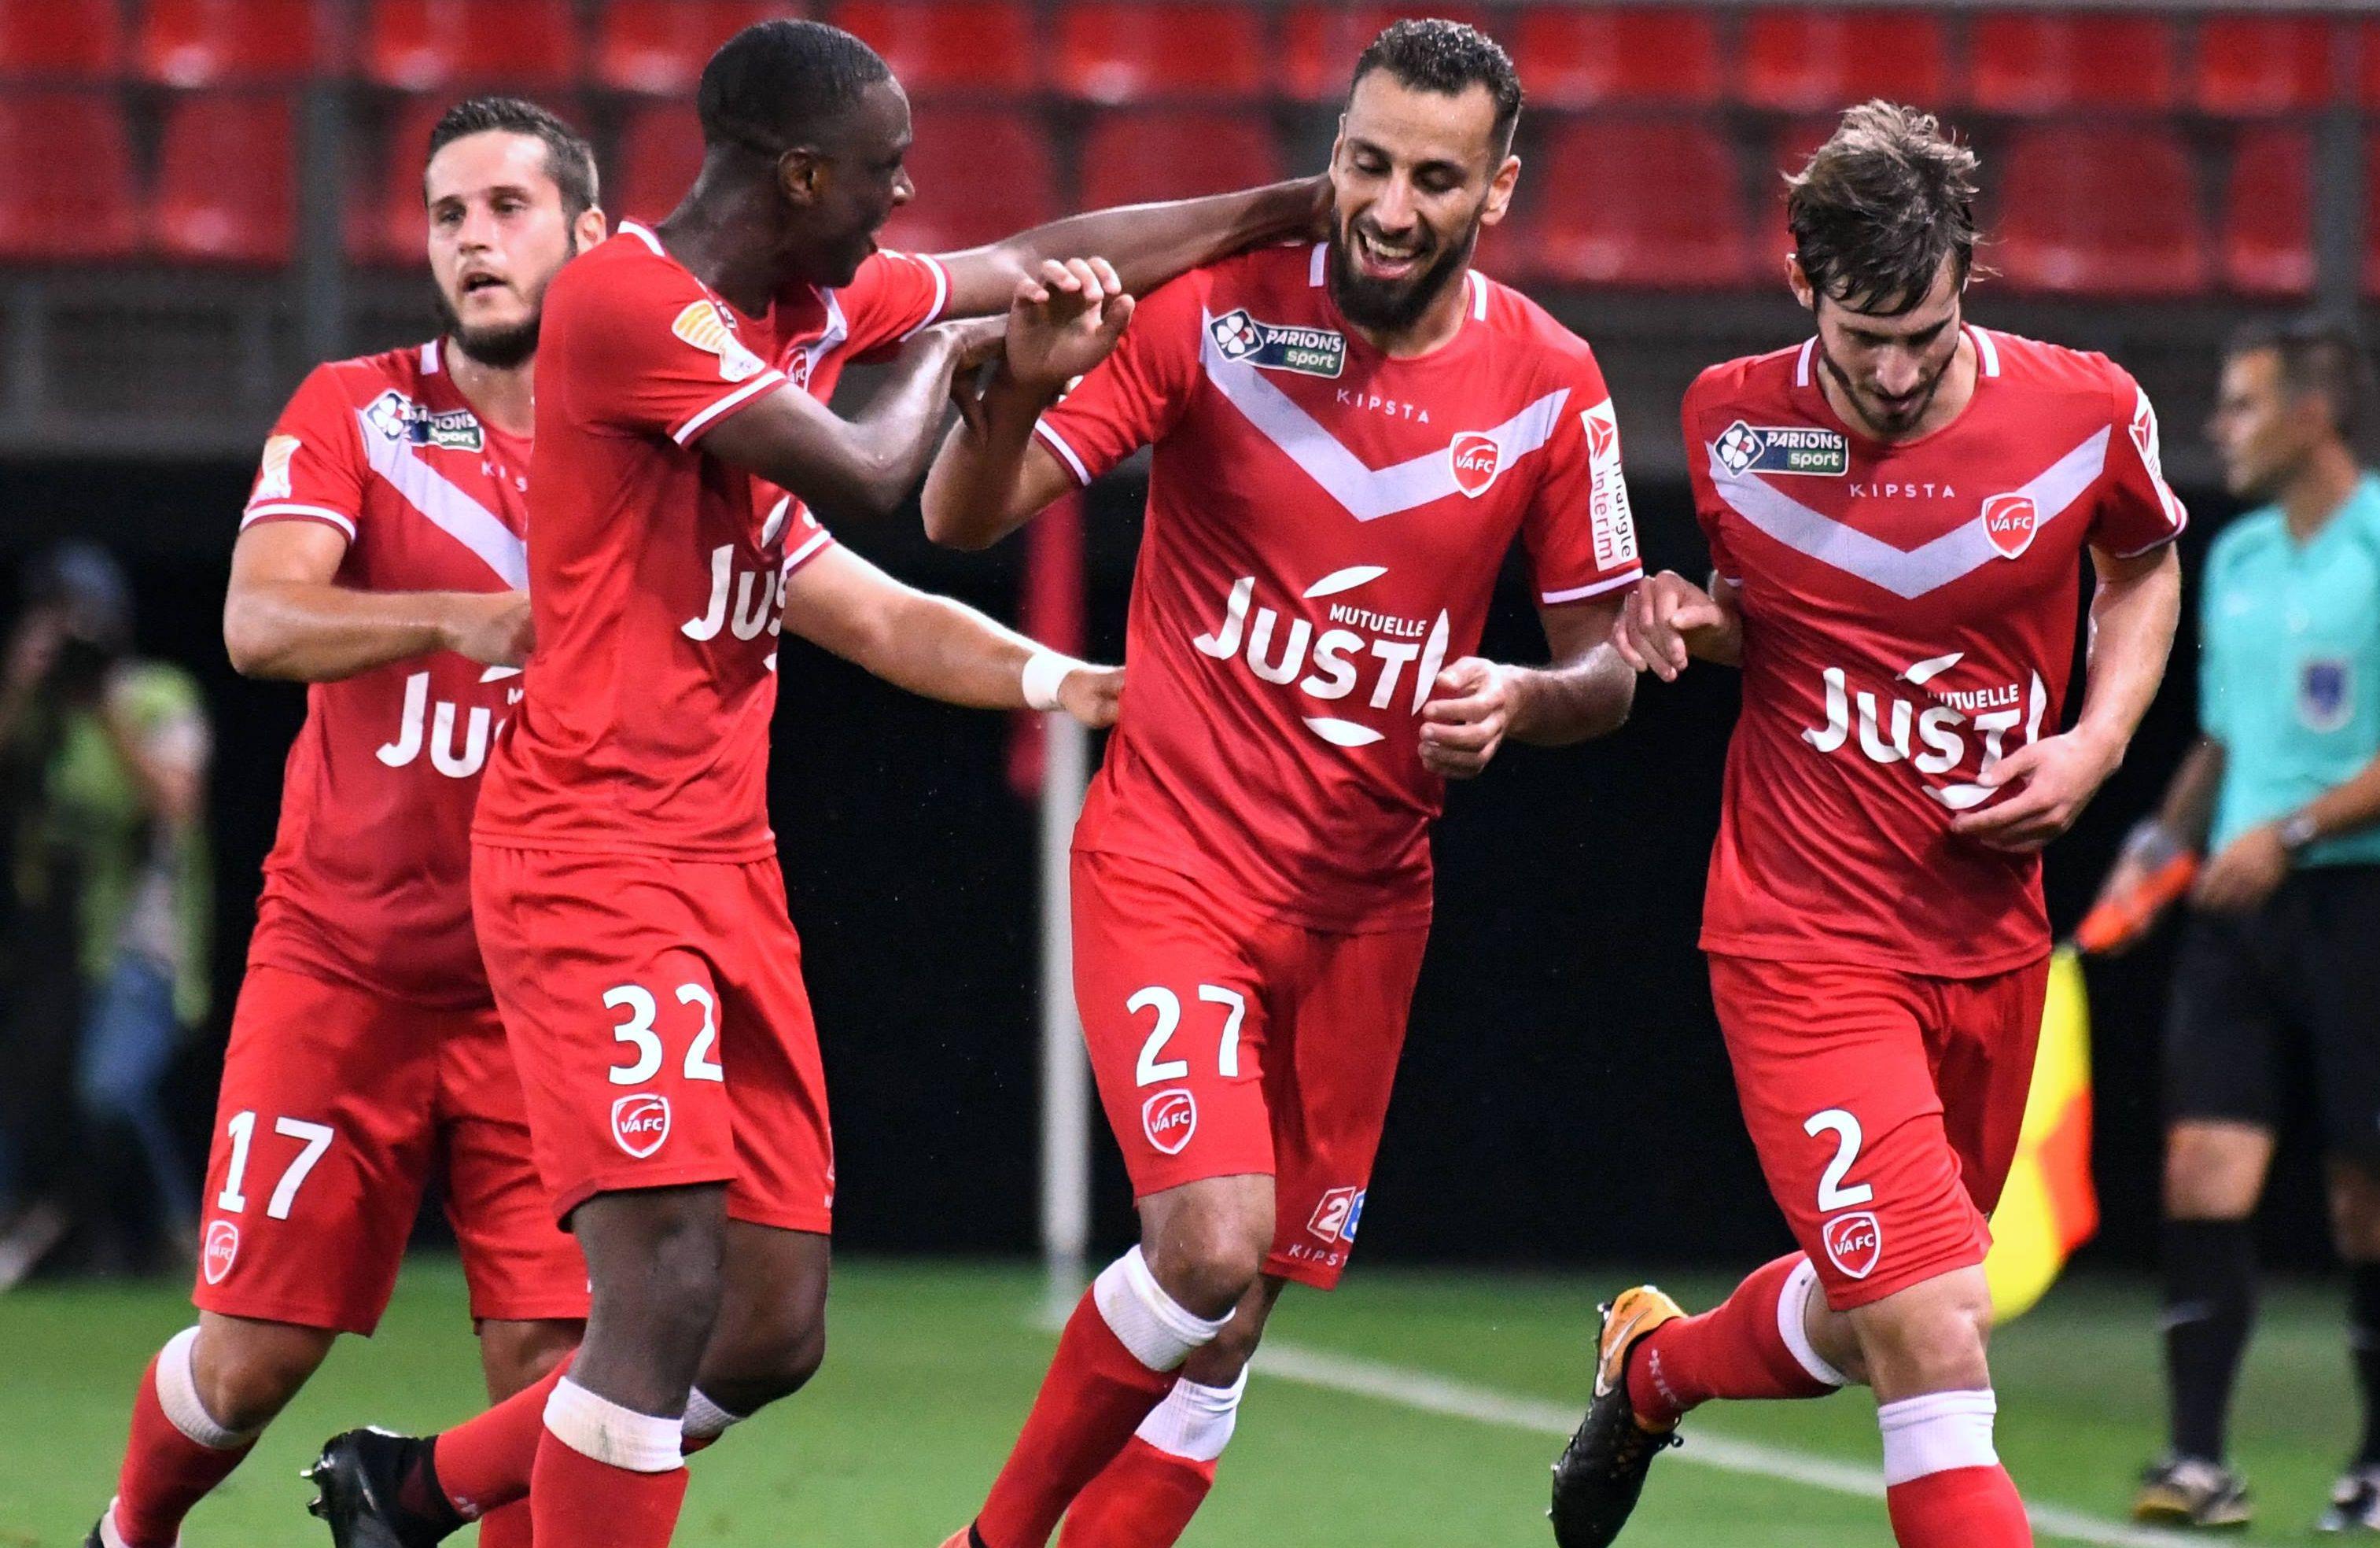 Coupe de la ligue valenciennes s 39 offre reims le red star surprend encore coupe de la ligue - Football coupe de la ligue direct ...